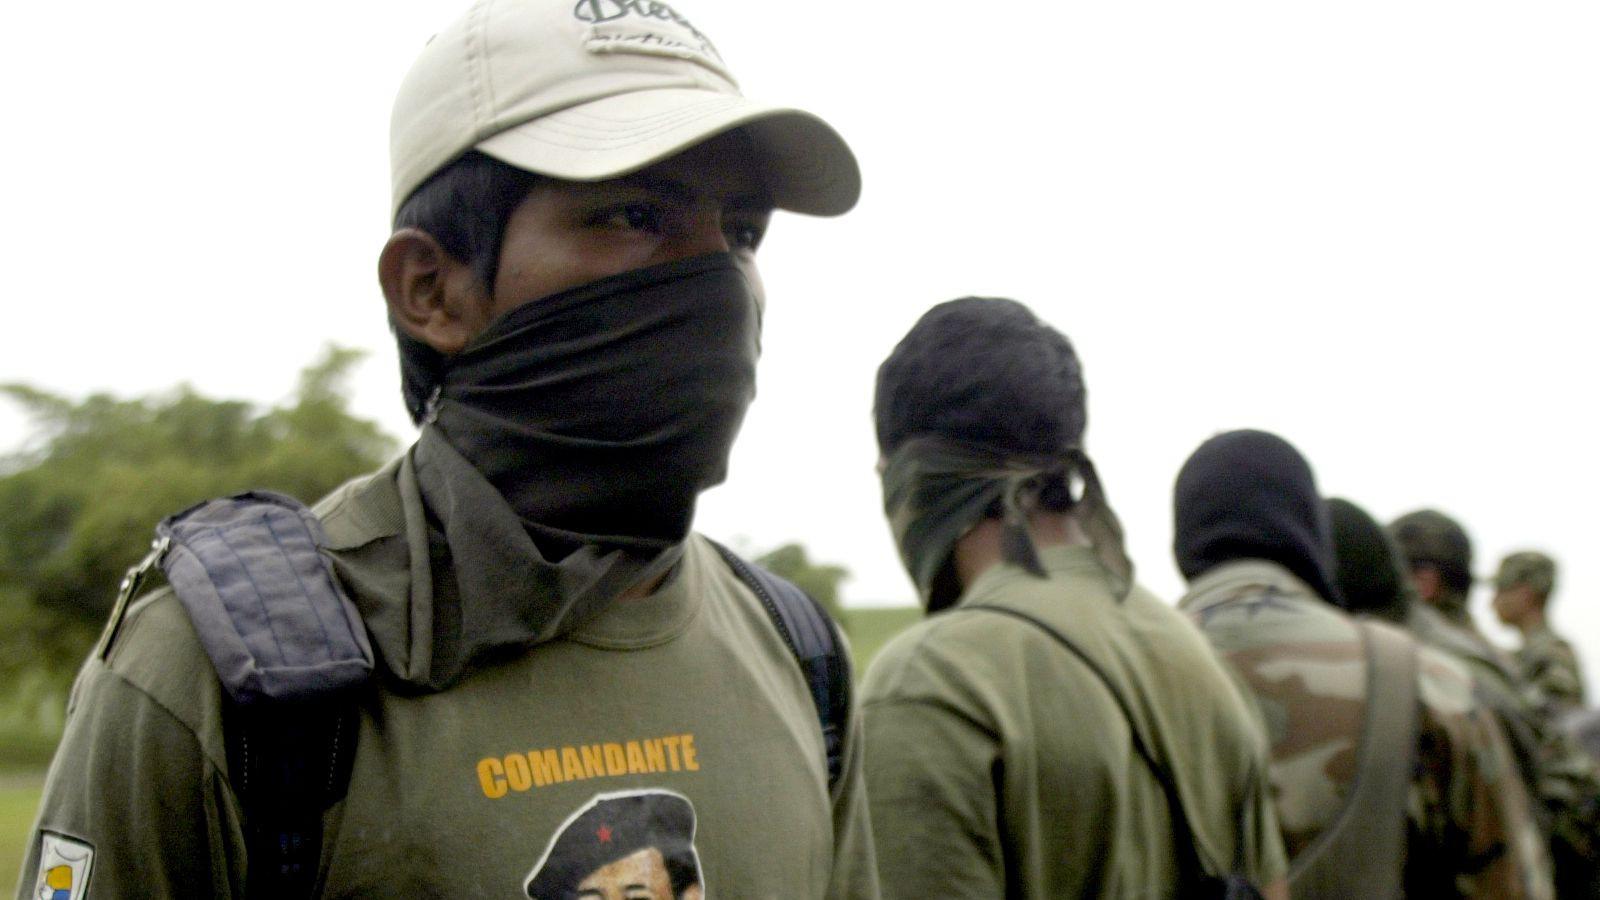 Colombian FARC rebels